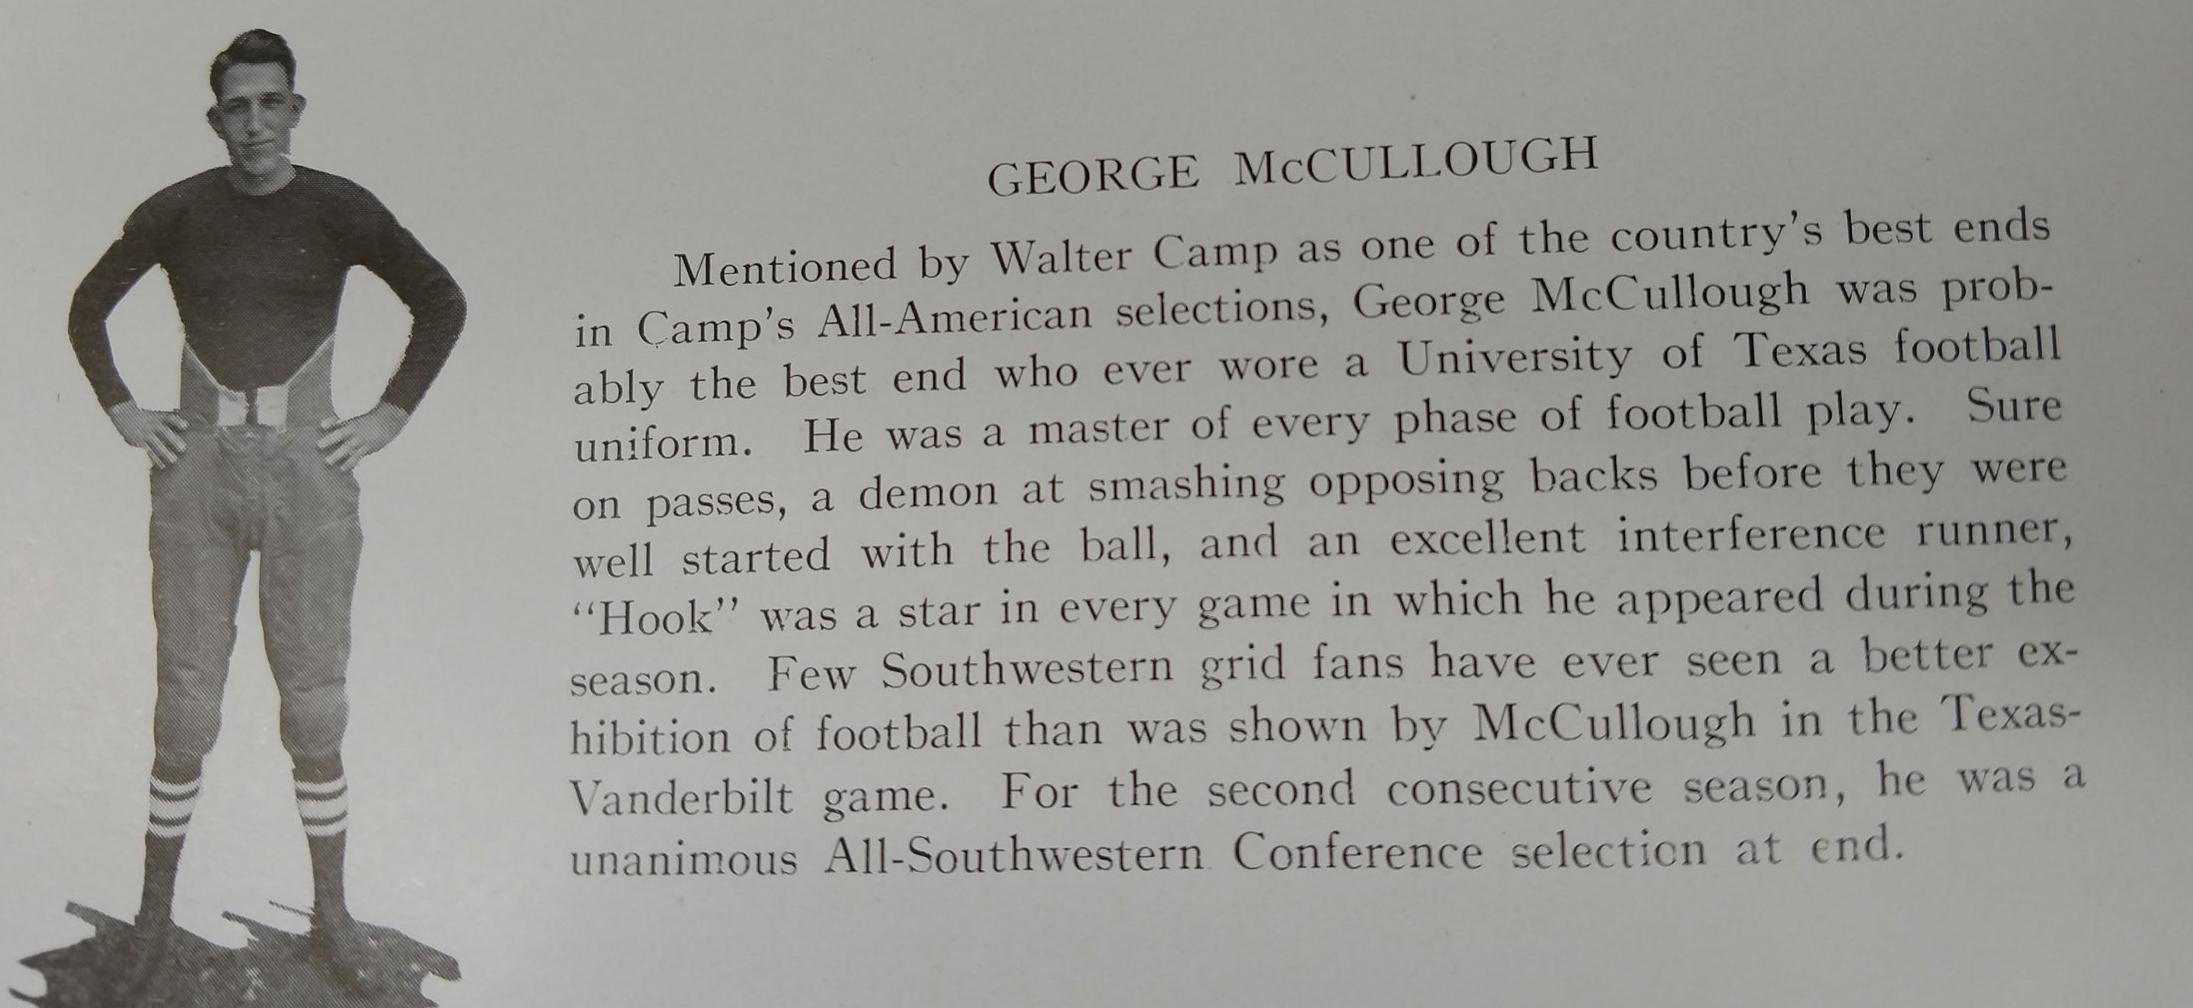 George Mccullough